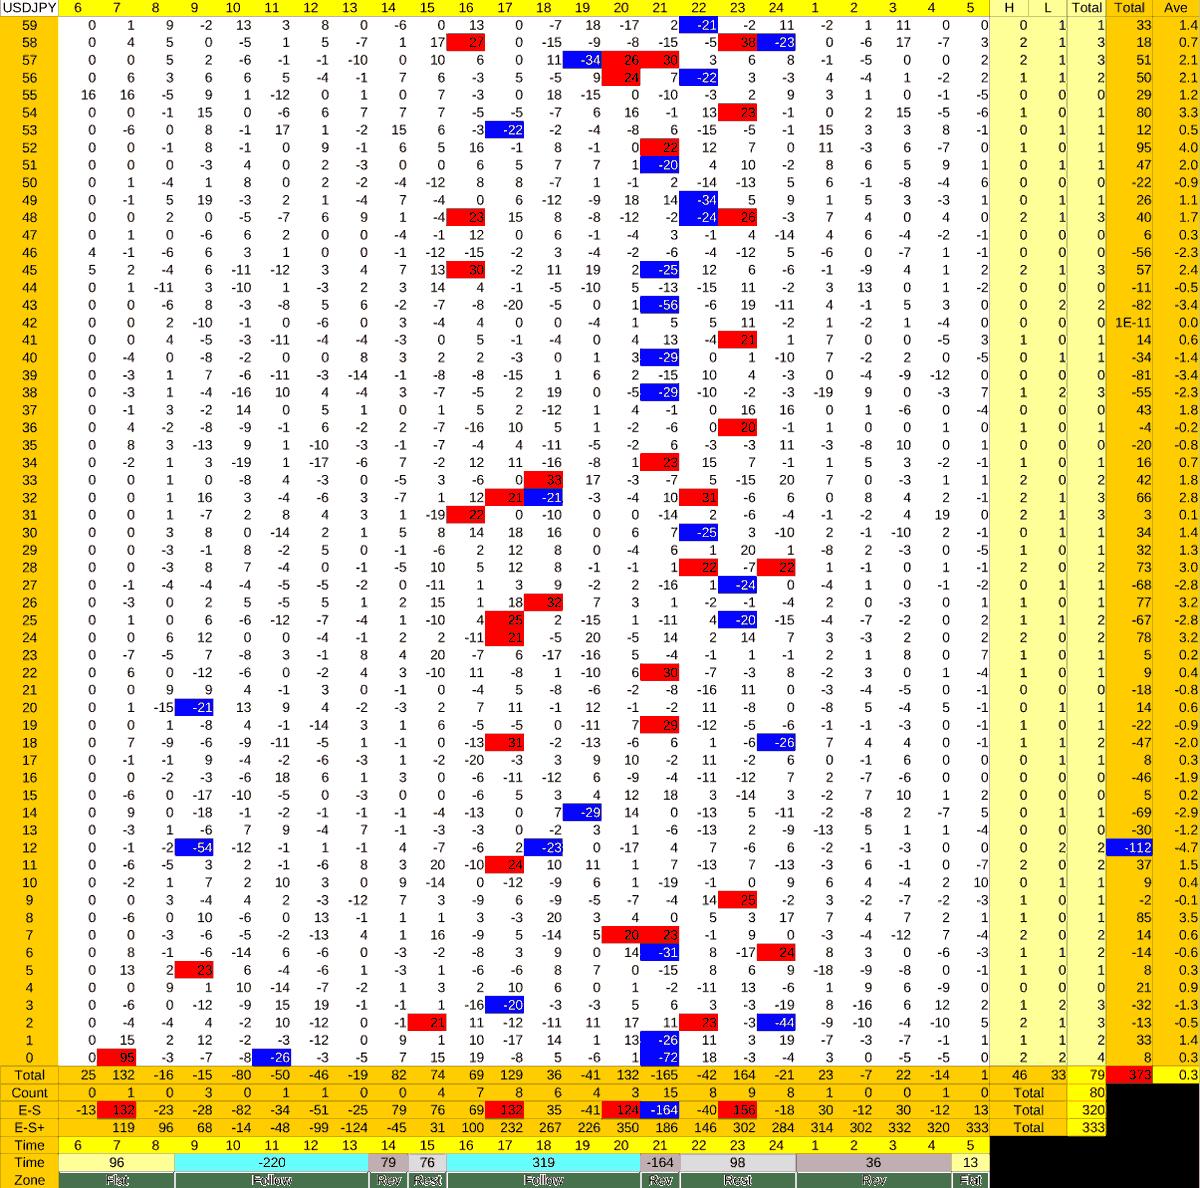 20210927_HS(1)USDJPY-min